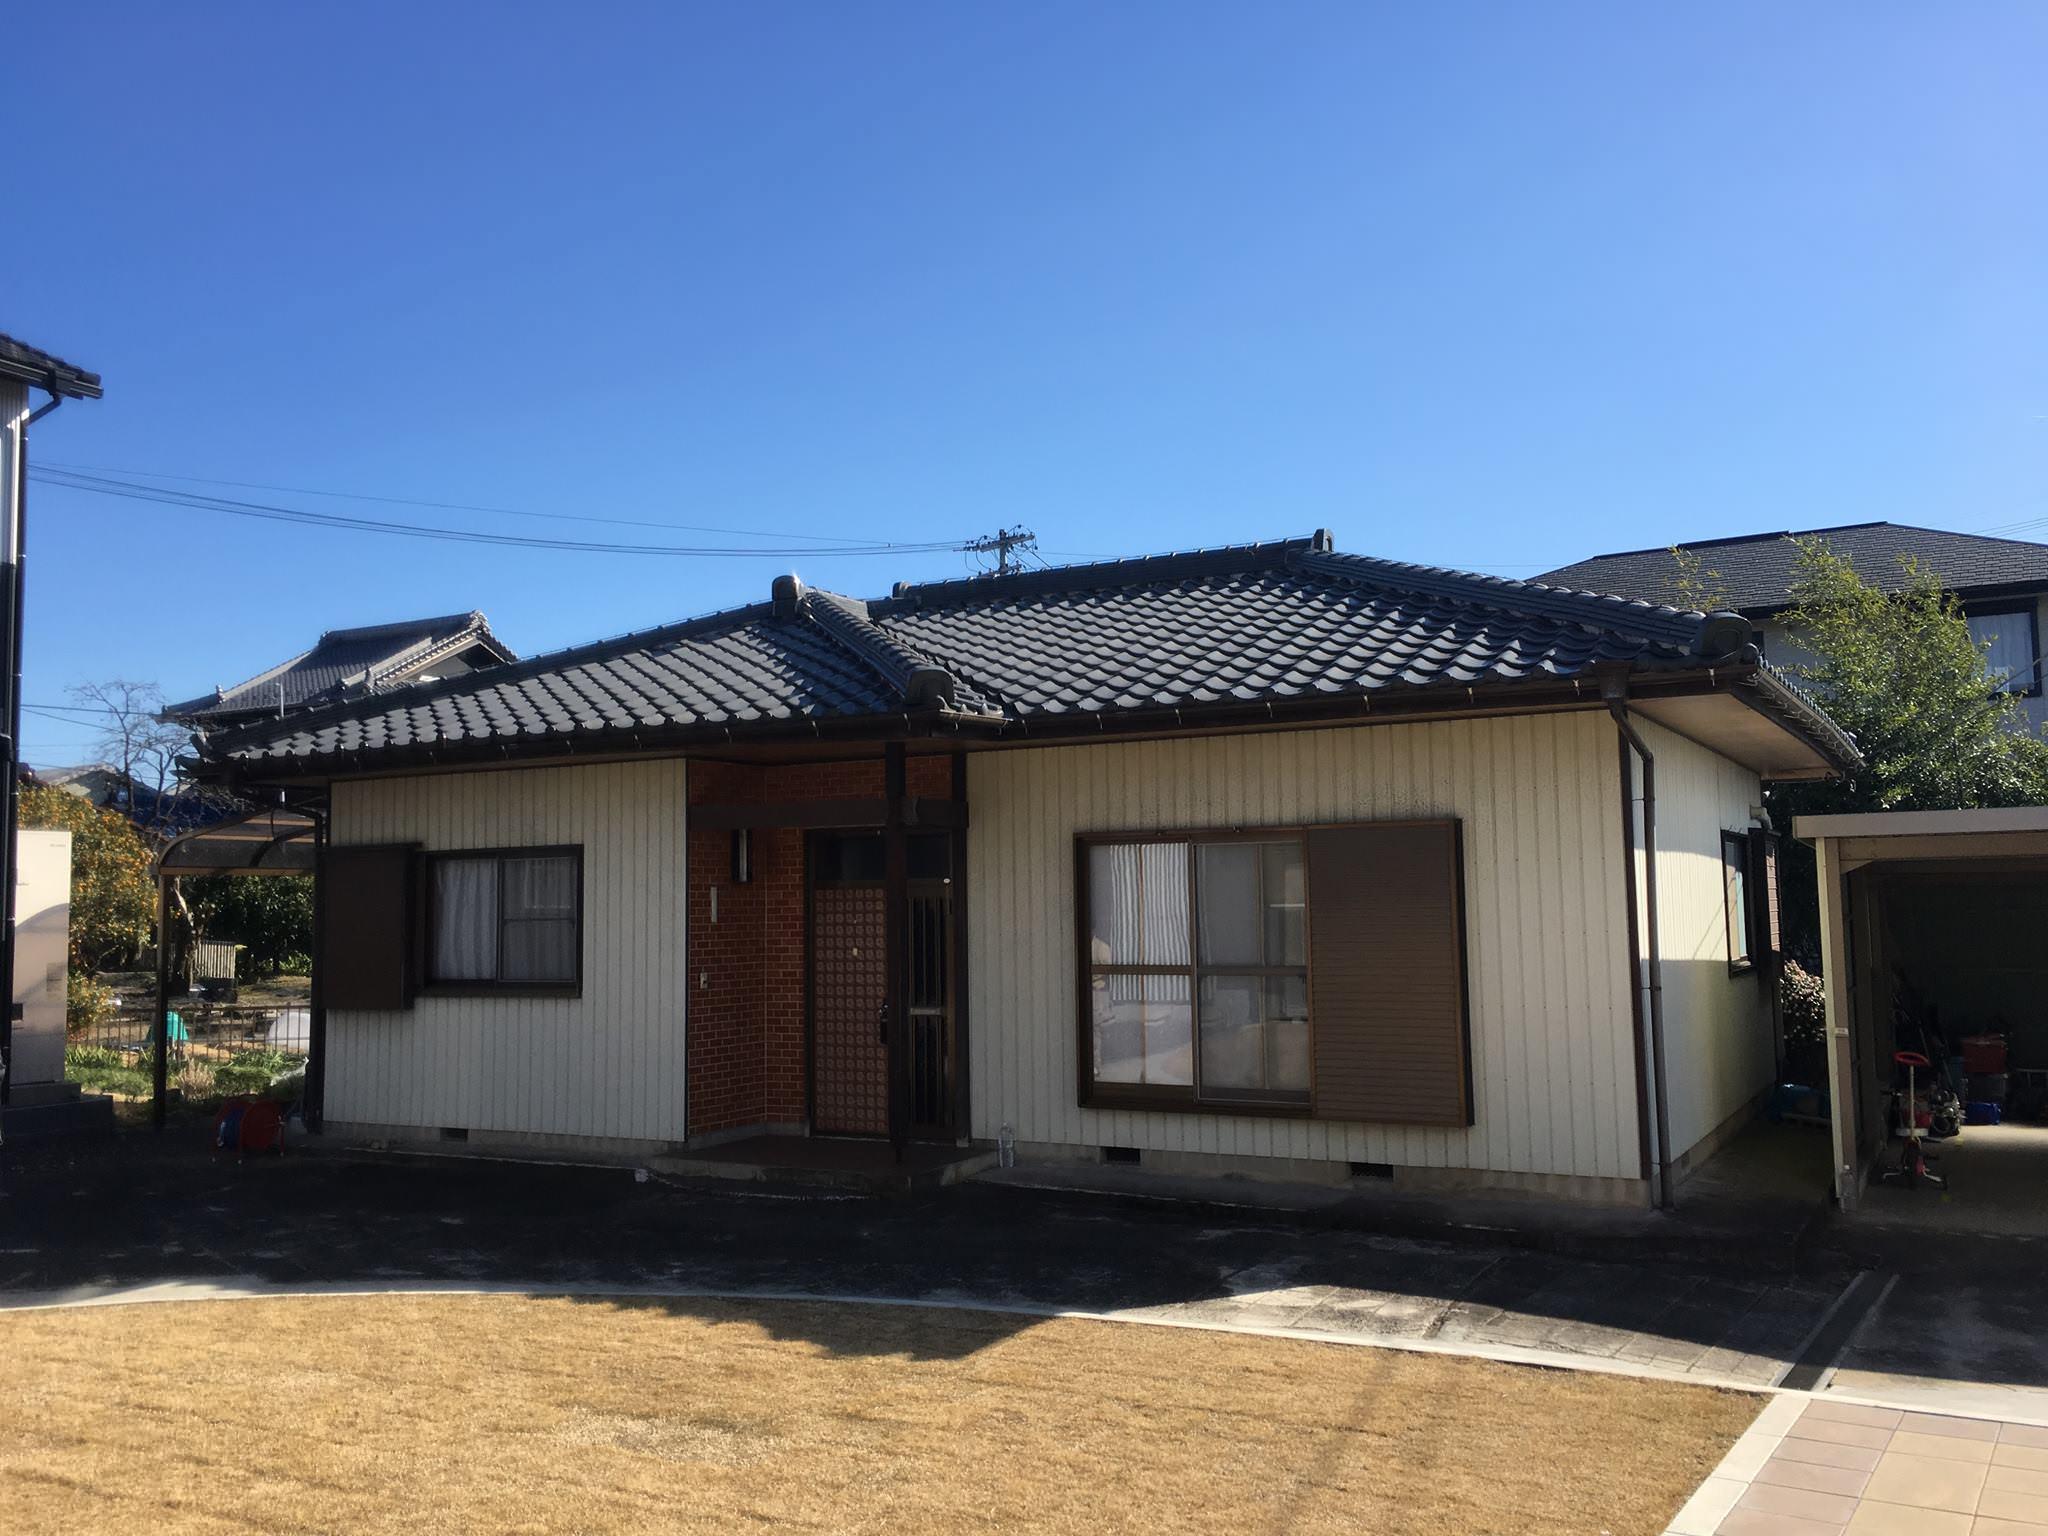 成正建装 愛知県 犬山市 新築 リフォーム 古民家再生 家づくり20.jpg